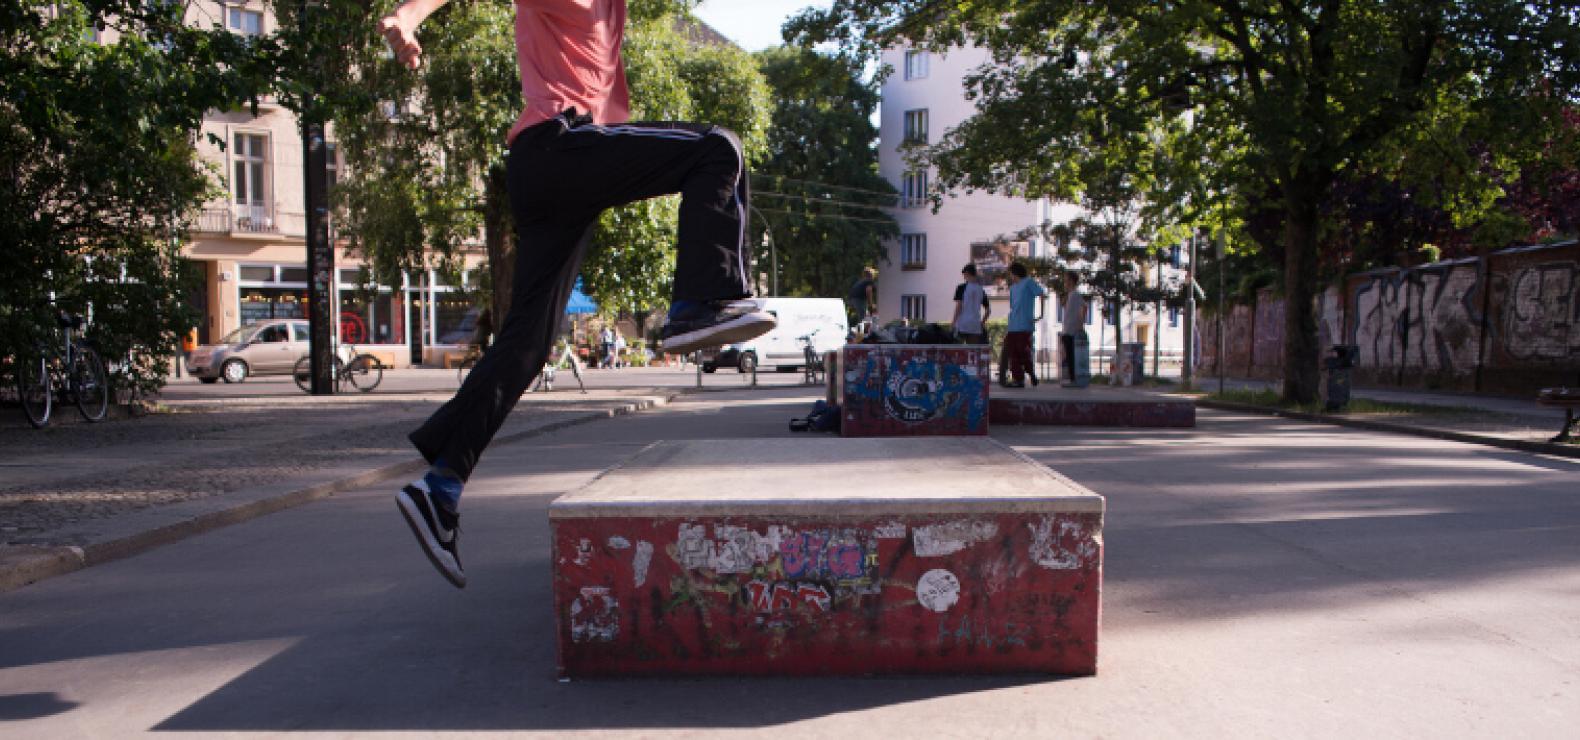 Ein Mensch springt über eine Hürde aus Stein, im Hintergrund ist eine Straßenszene zu sehen.